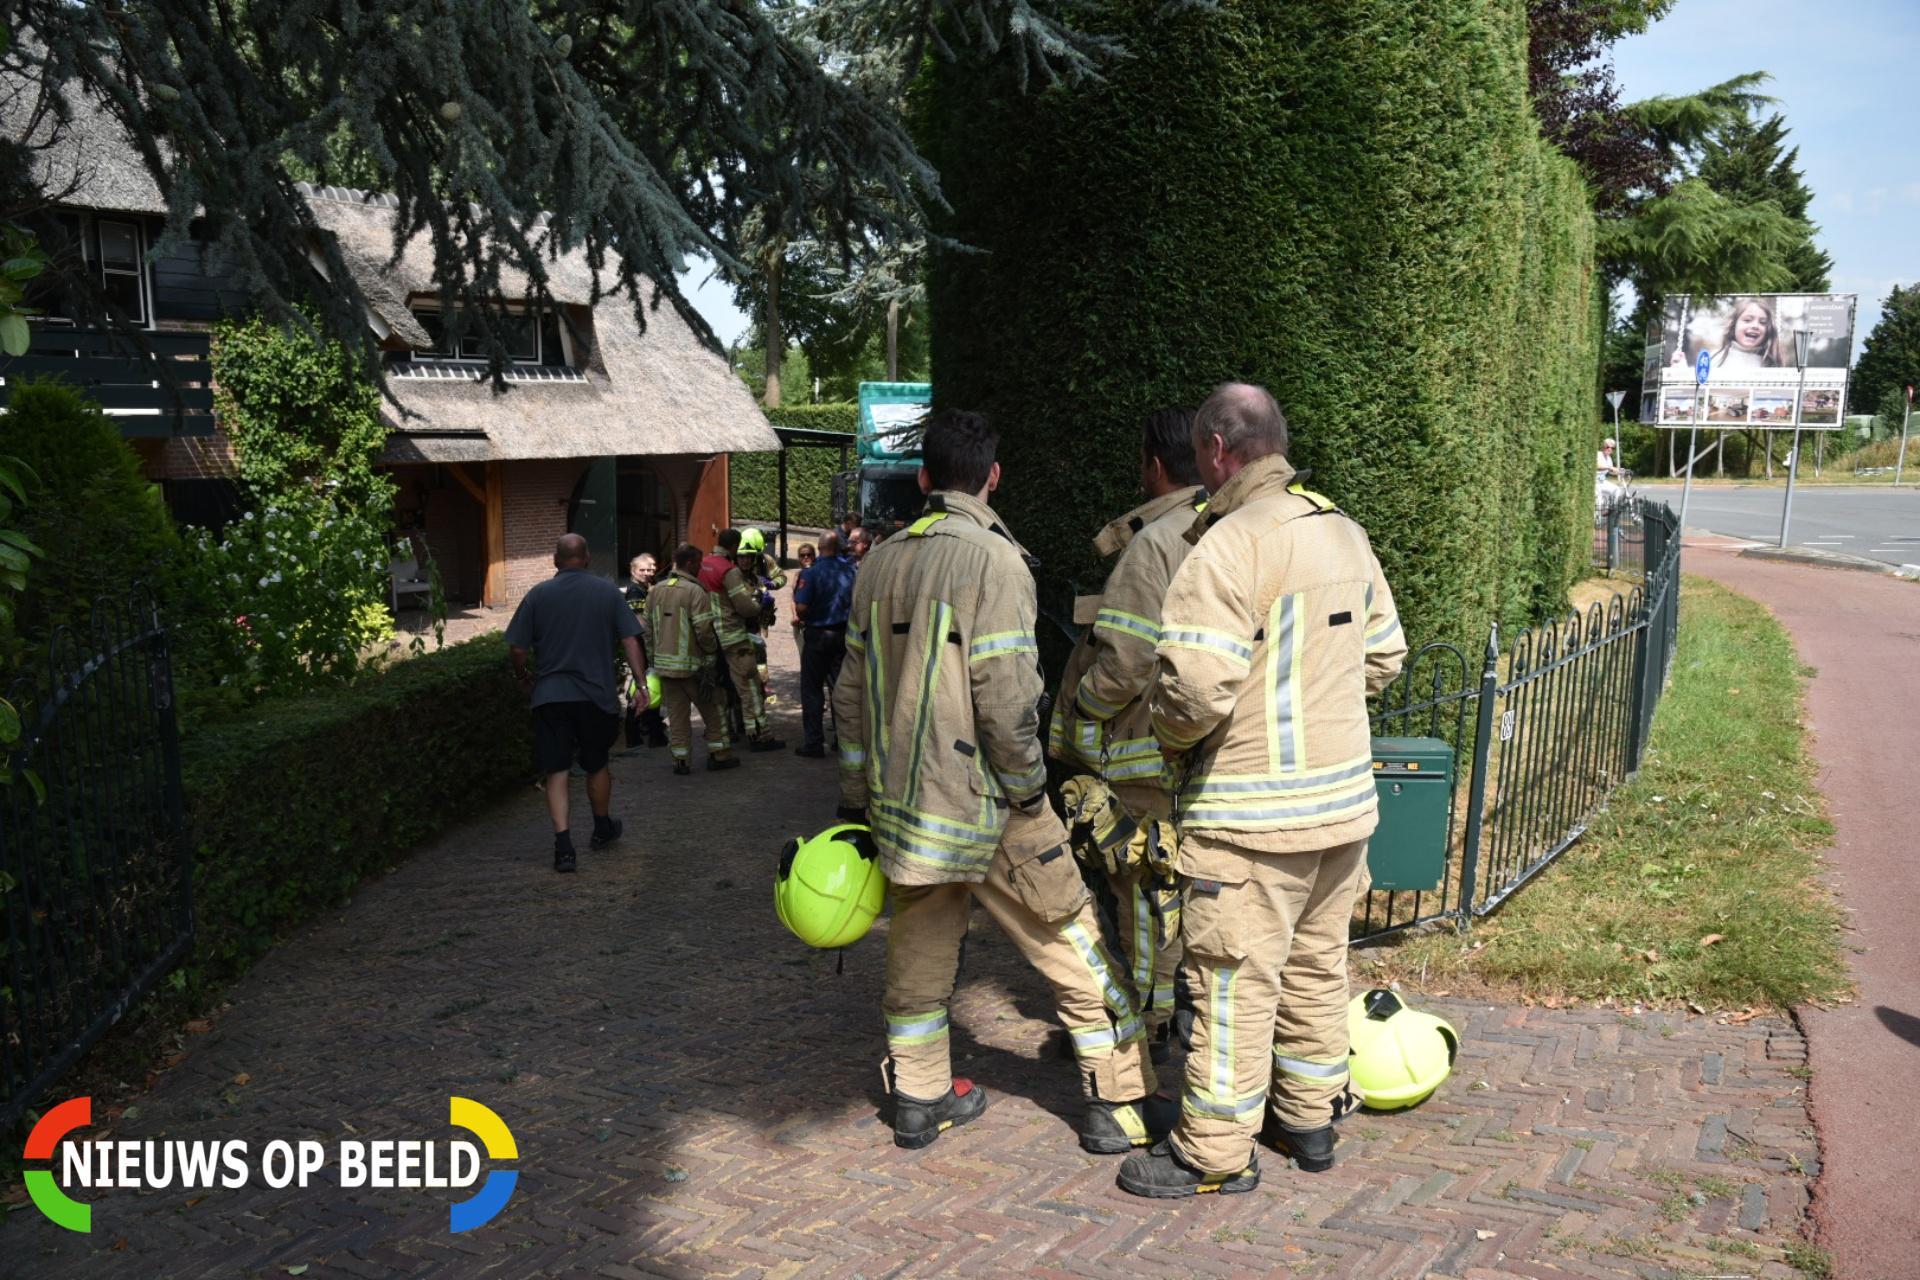 Drugsafval in villa aangetroffen na grote politie-inval Rijsdijk Rhoon